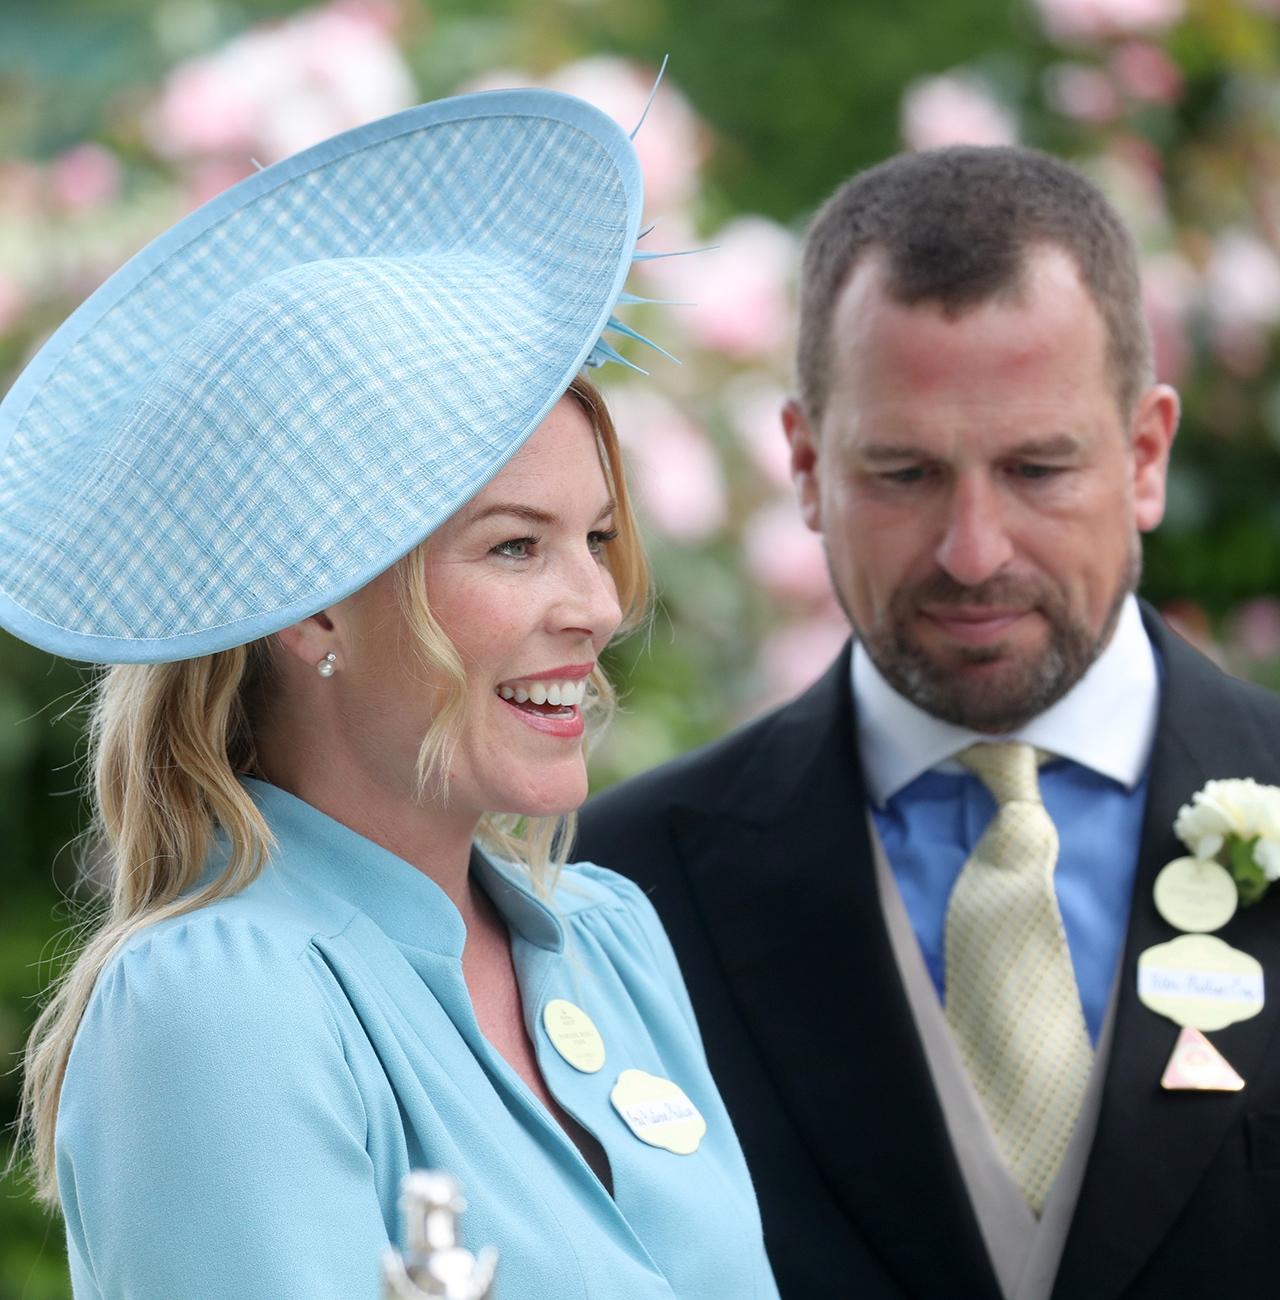 Официальный развод в королевской семье: внук Елизаветы II Питер Филлипс развелся с женой после 12 лет брака - фото №2